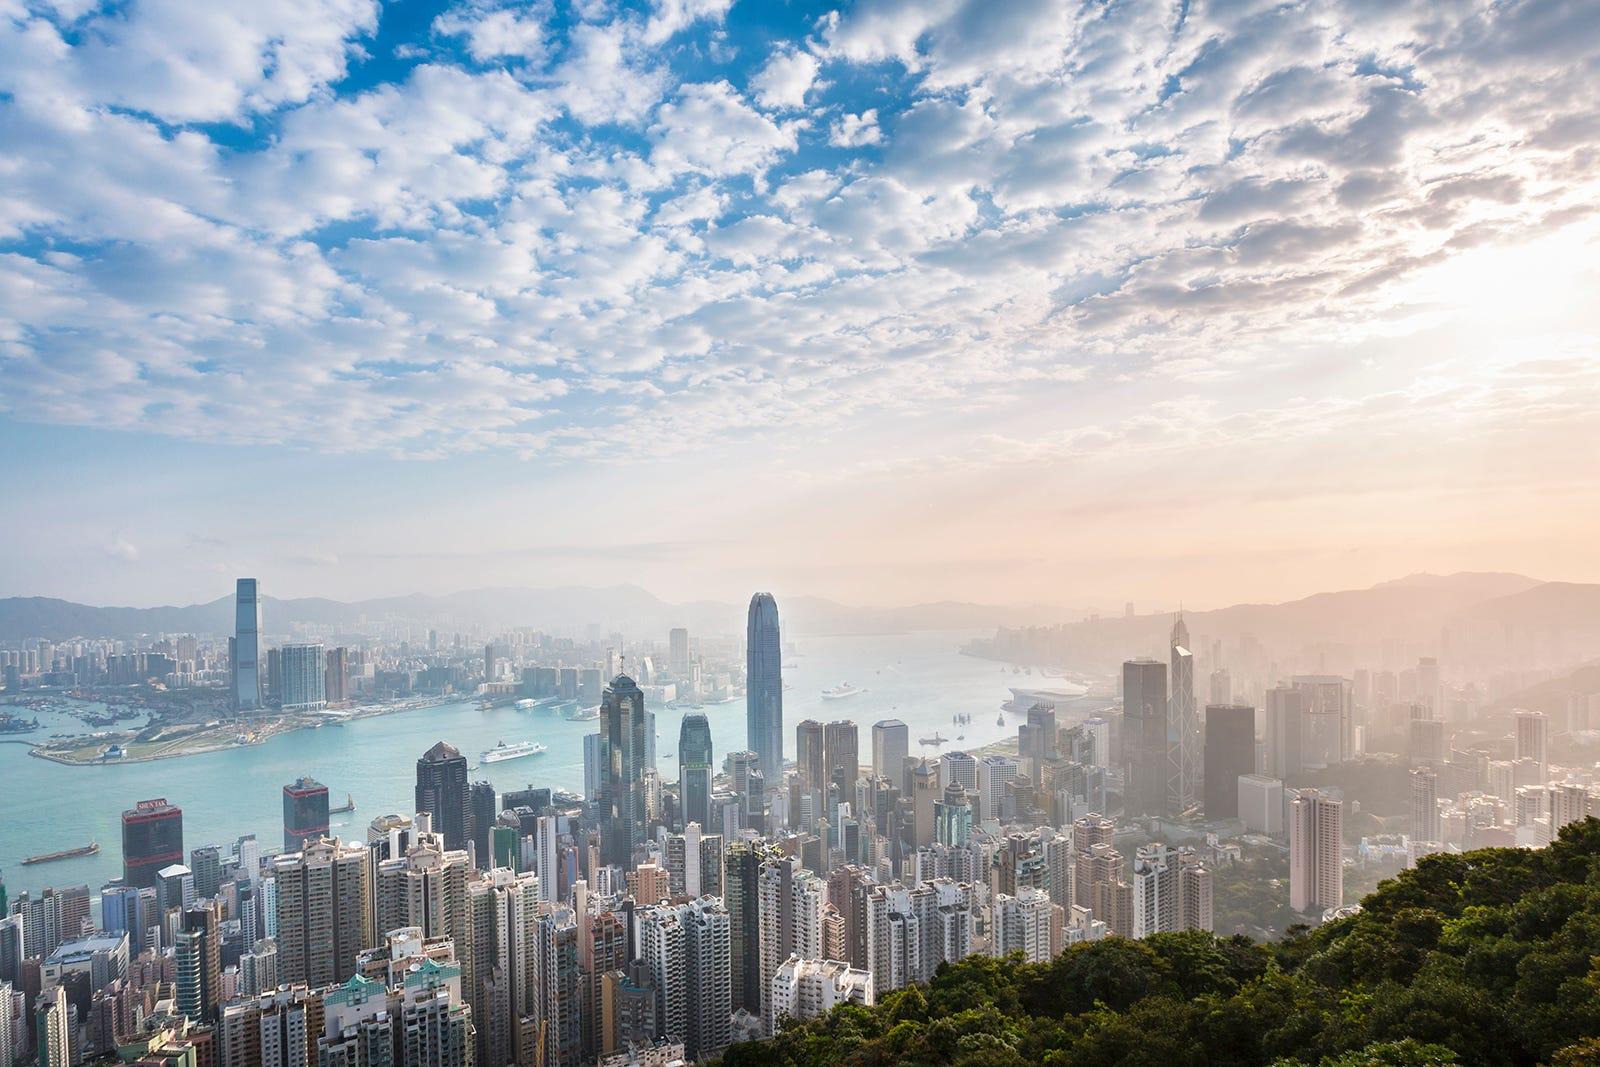 Hongkong, pilihan terbaik untuk Urban Tourism yang aman bagi solo female traveler | shutterstock